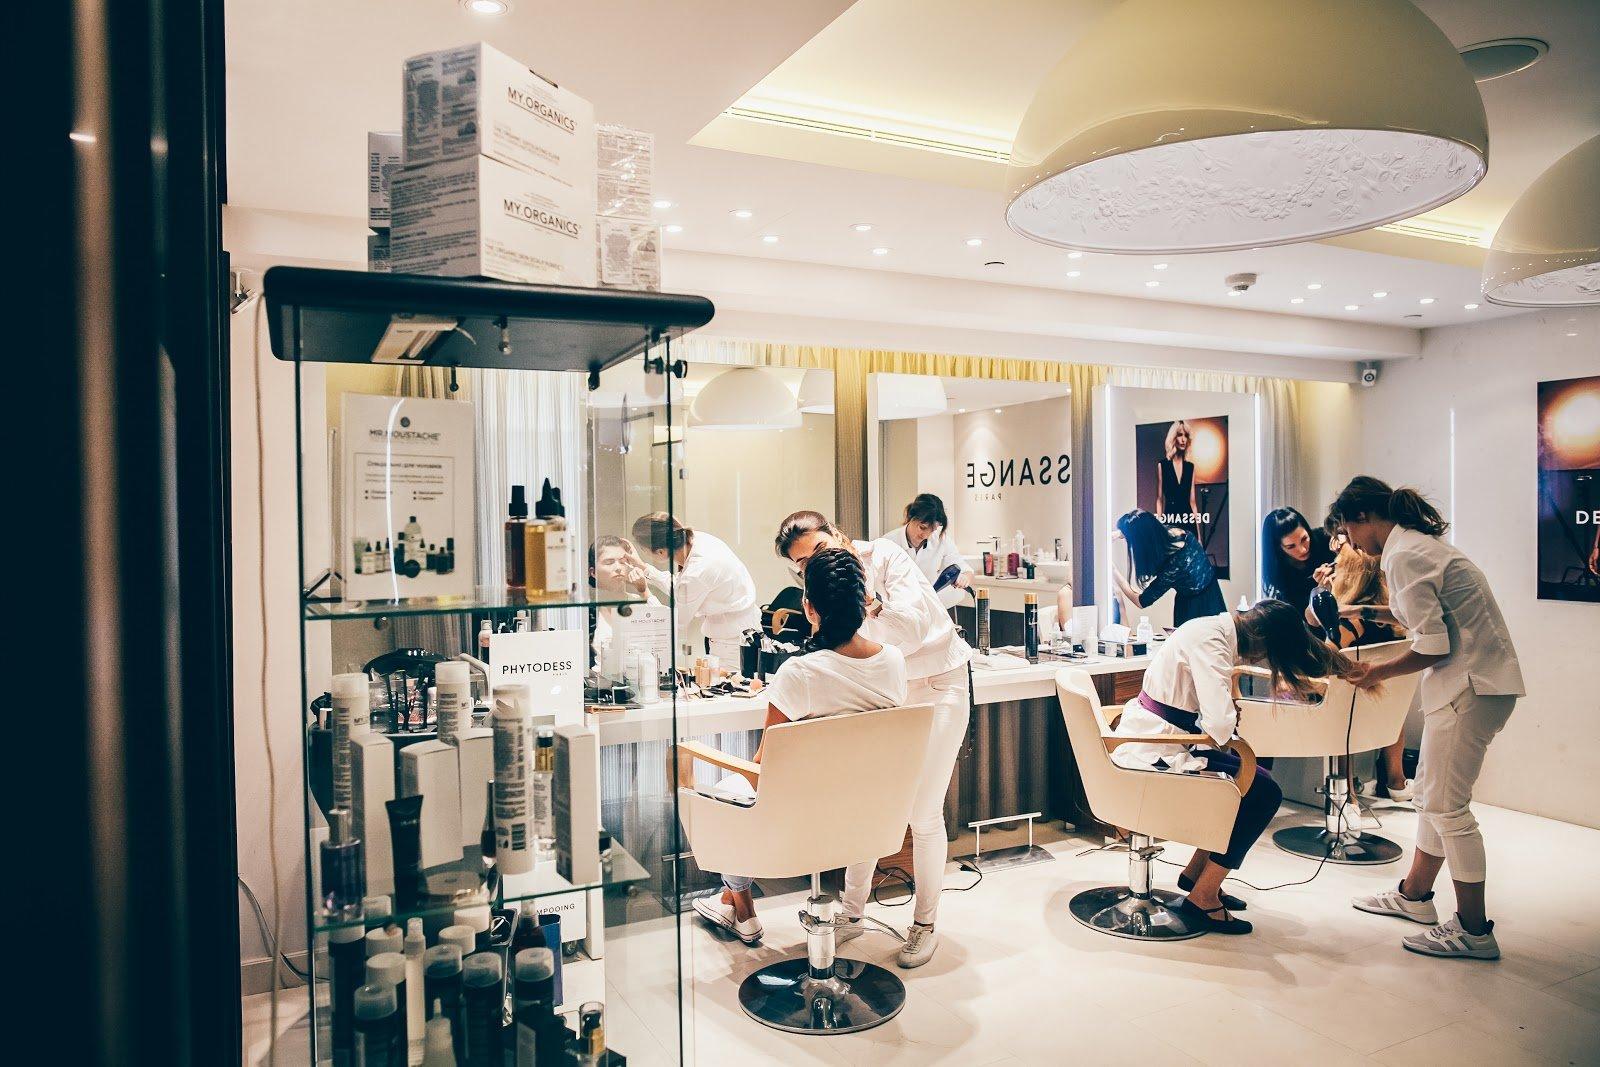 Beauty salon dessange information events map reviews for Dessange hair salon